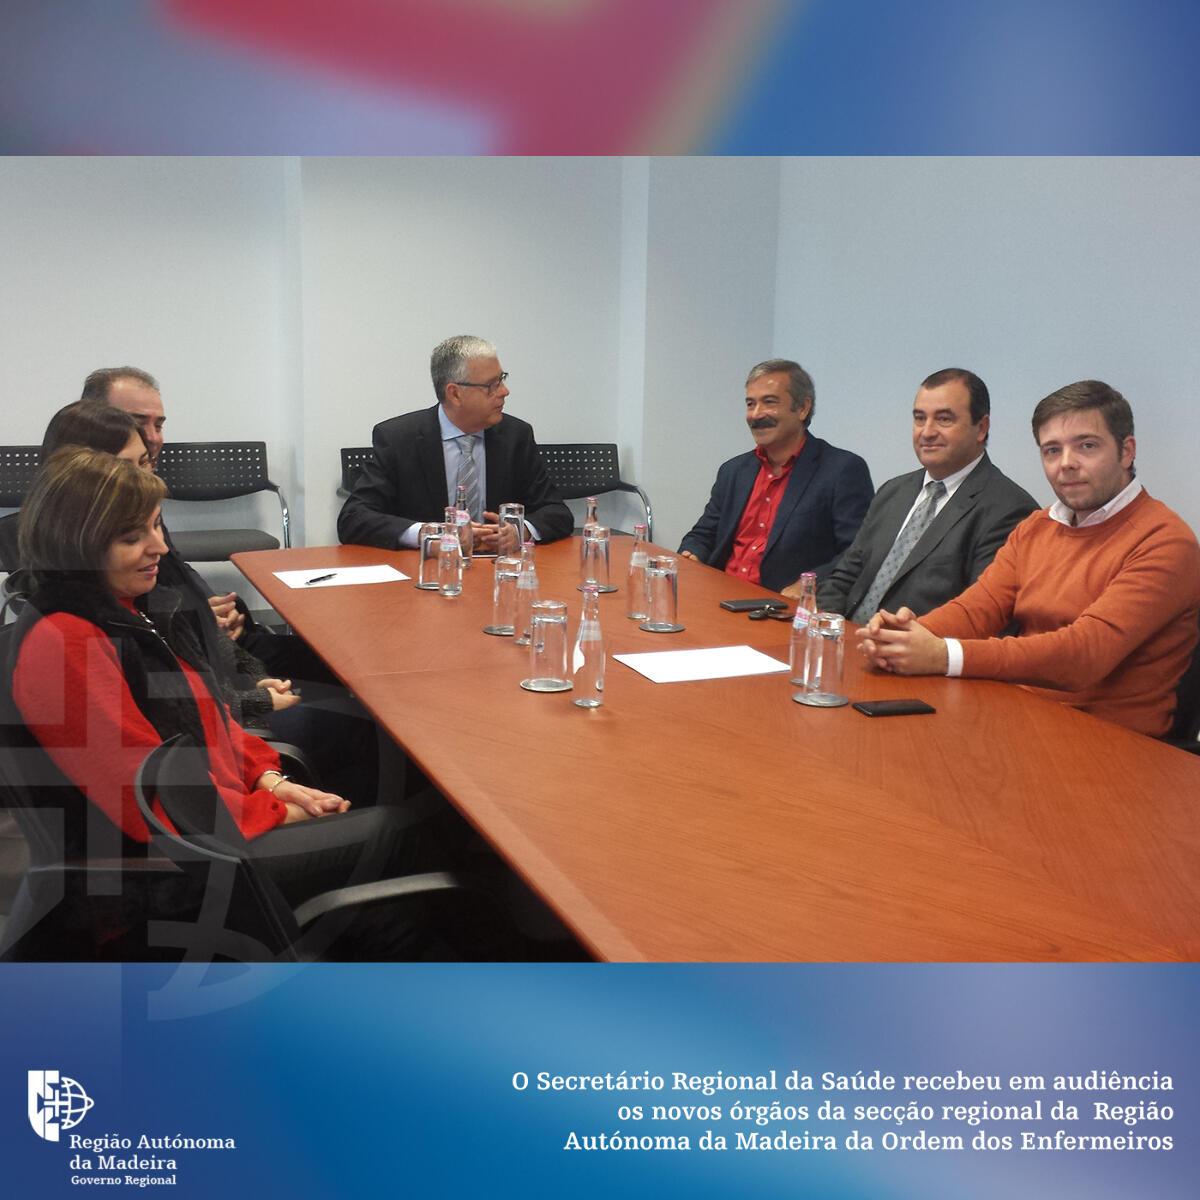 Ordem dos Enfermeiros reuniu com o Secretário Regional da Saúde